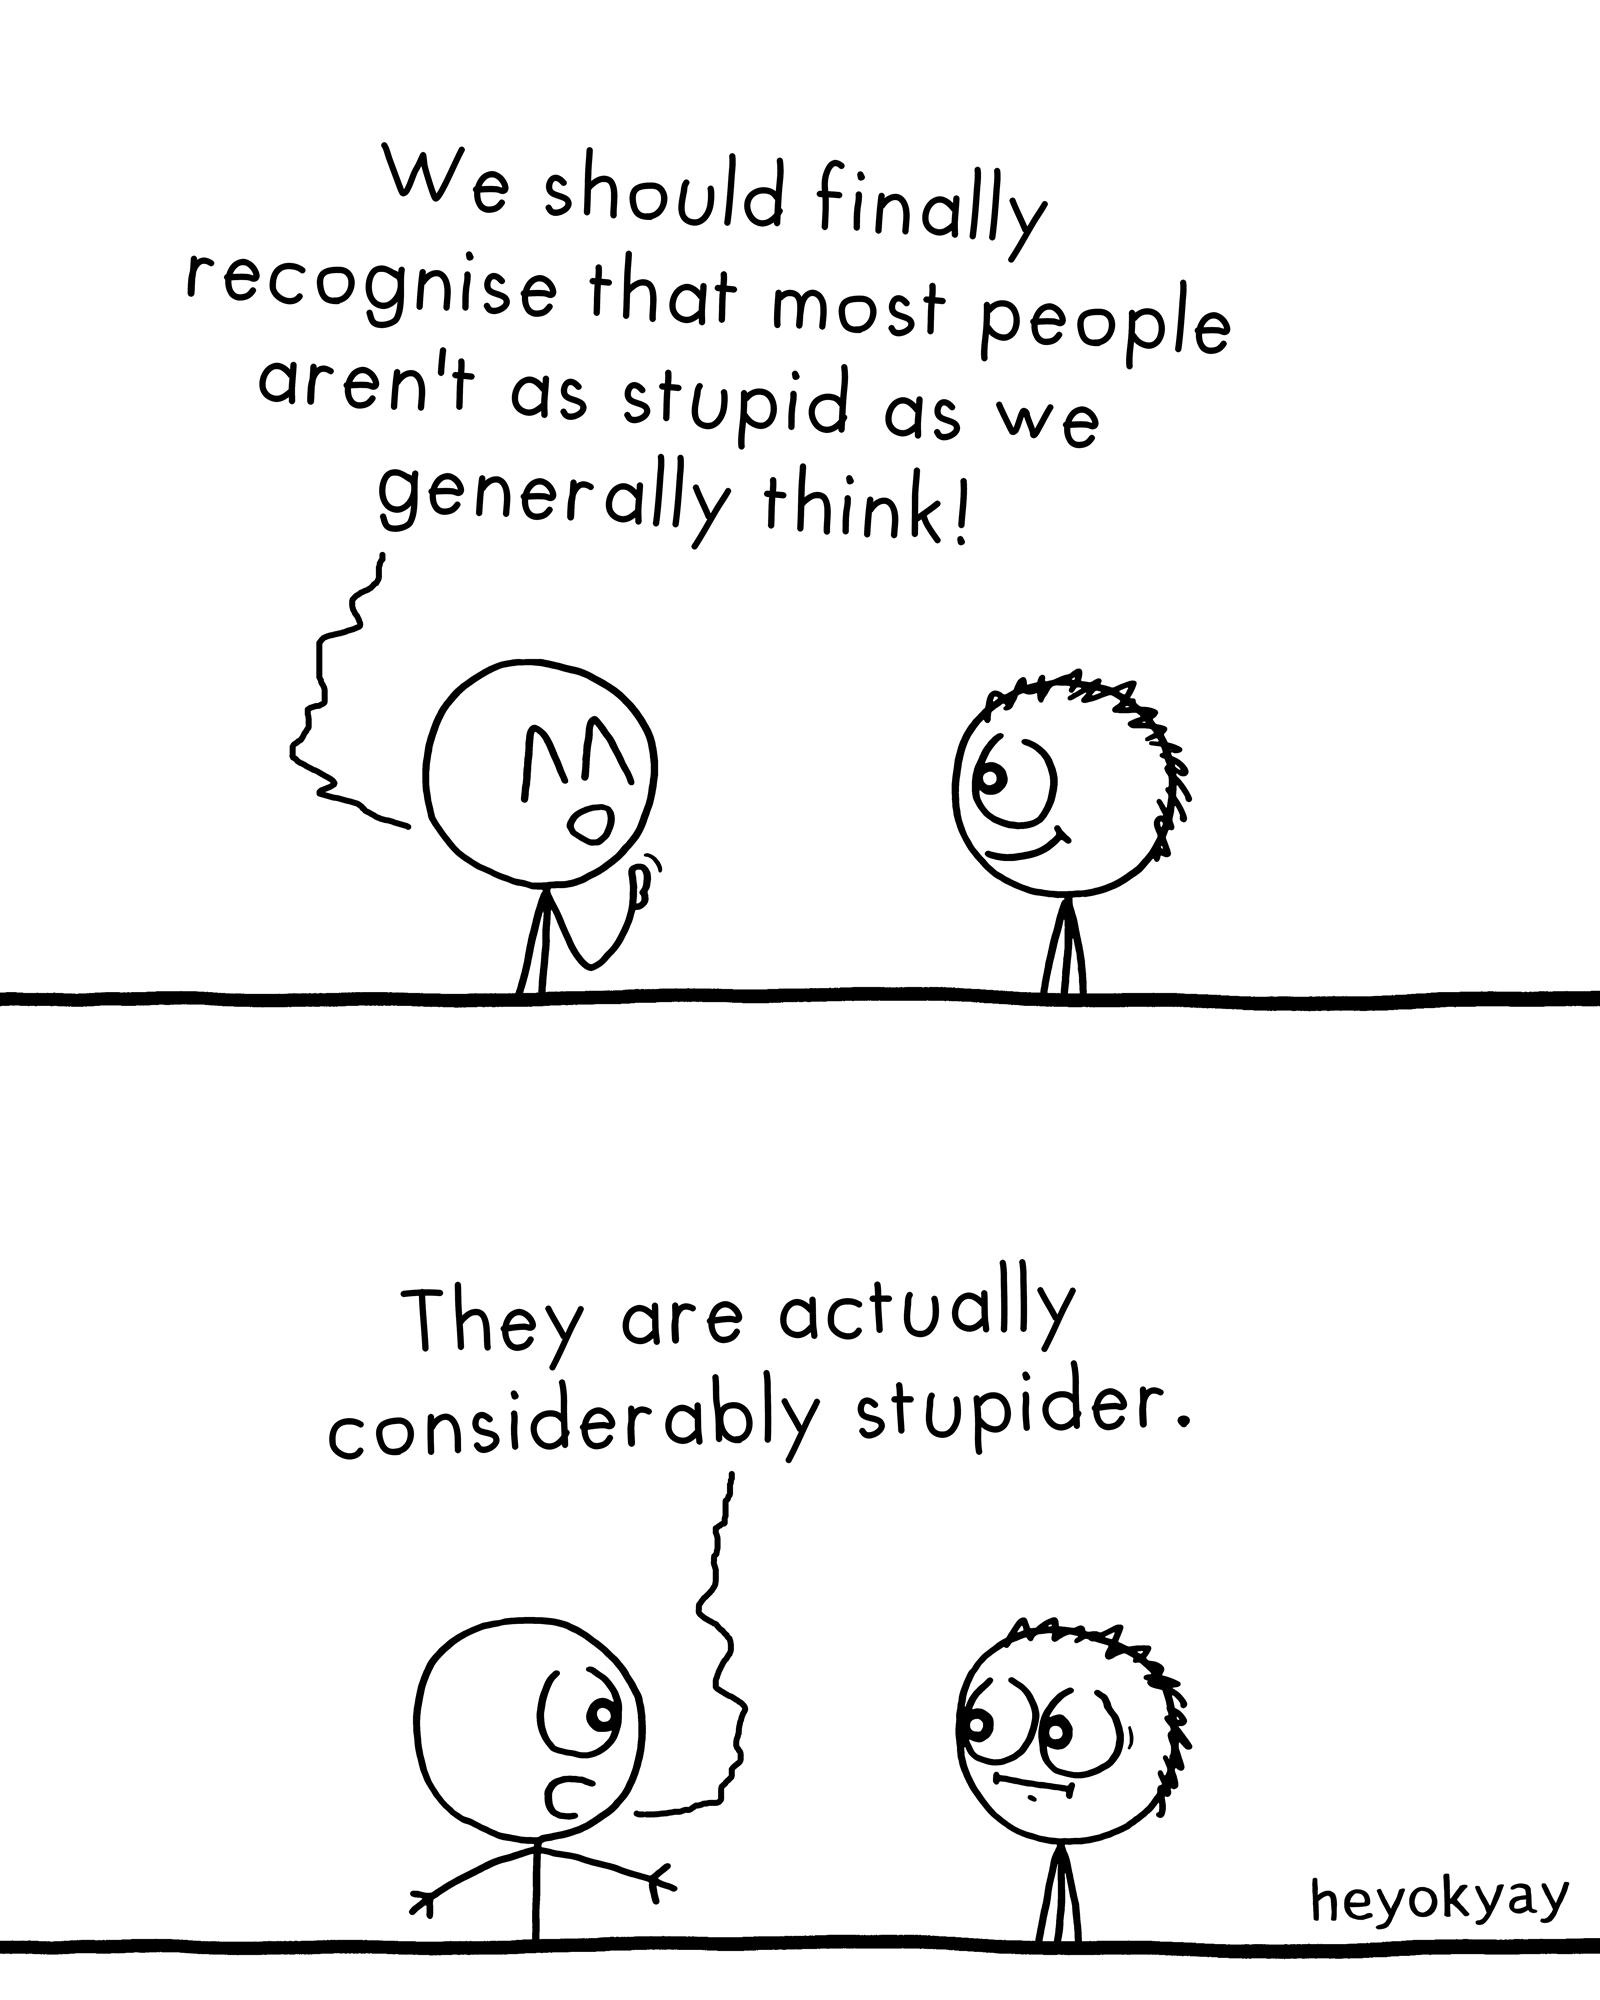 Most People heyokyay comic